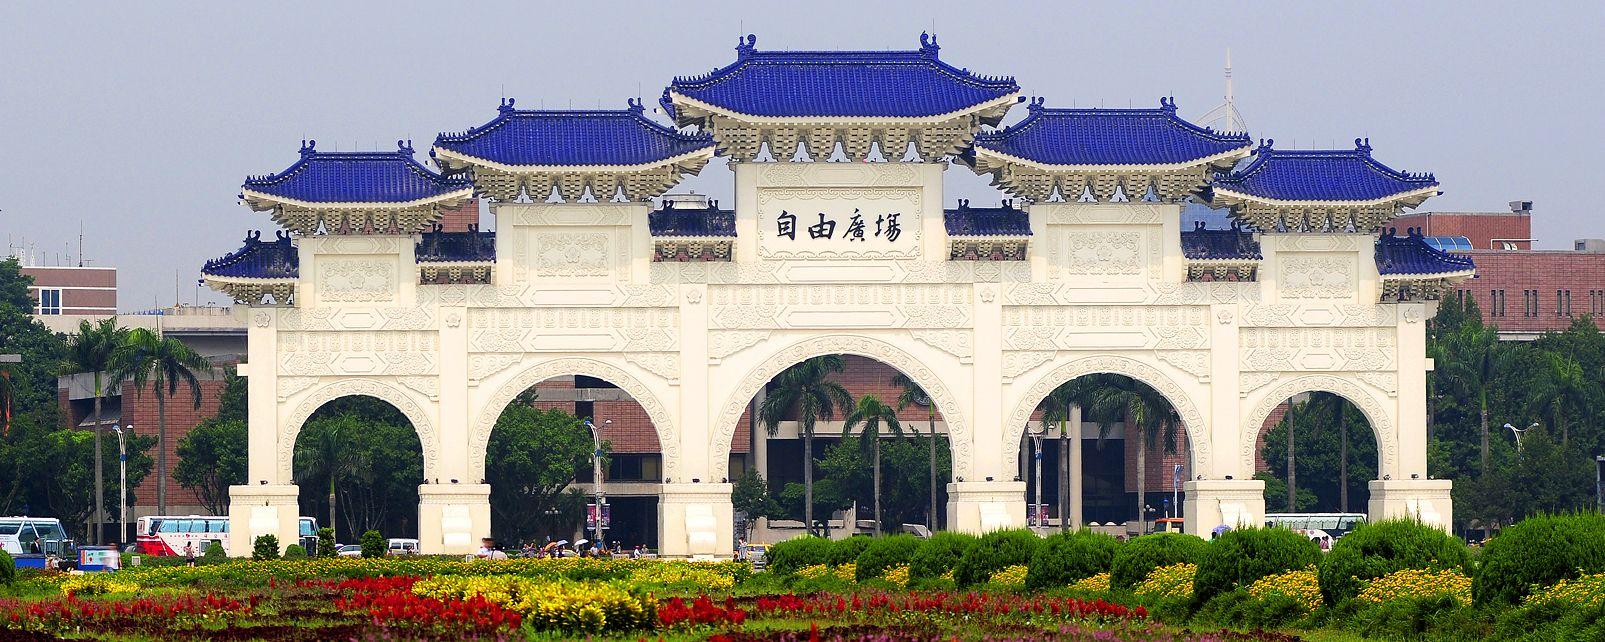 Le mémorial Tchang Kai-Chek, Les monuments, Taïwan